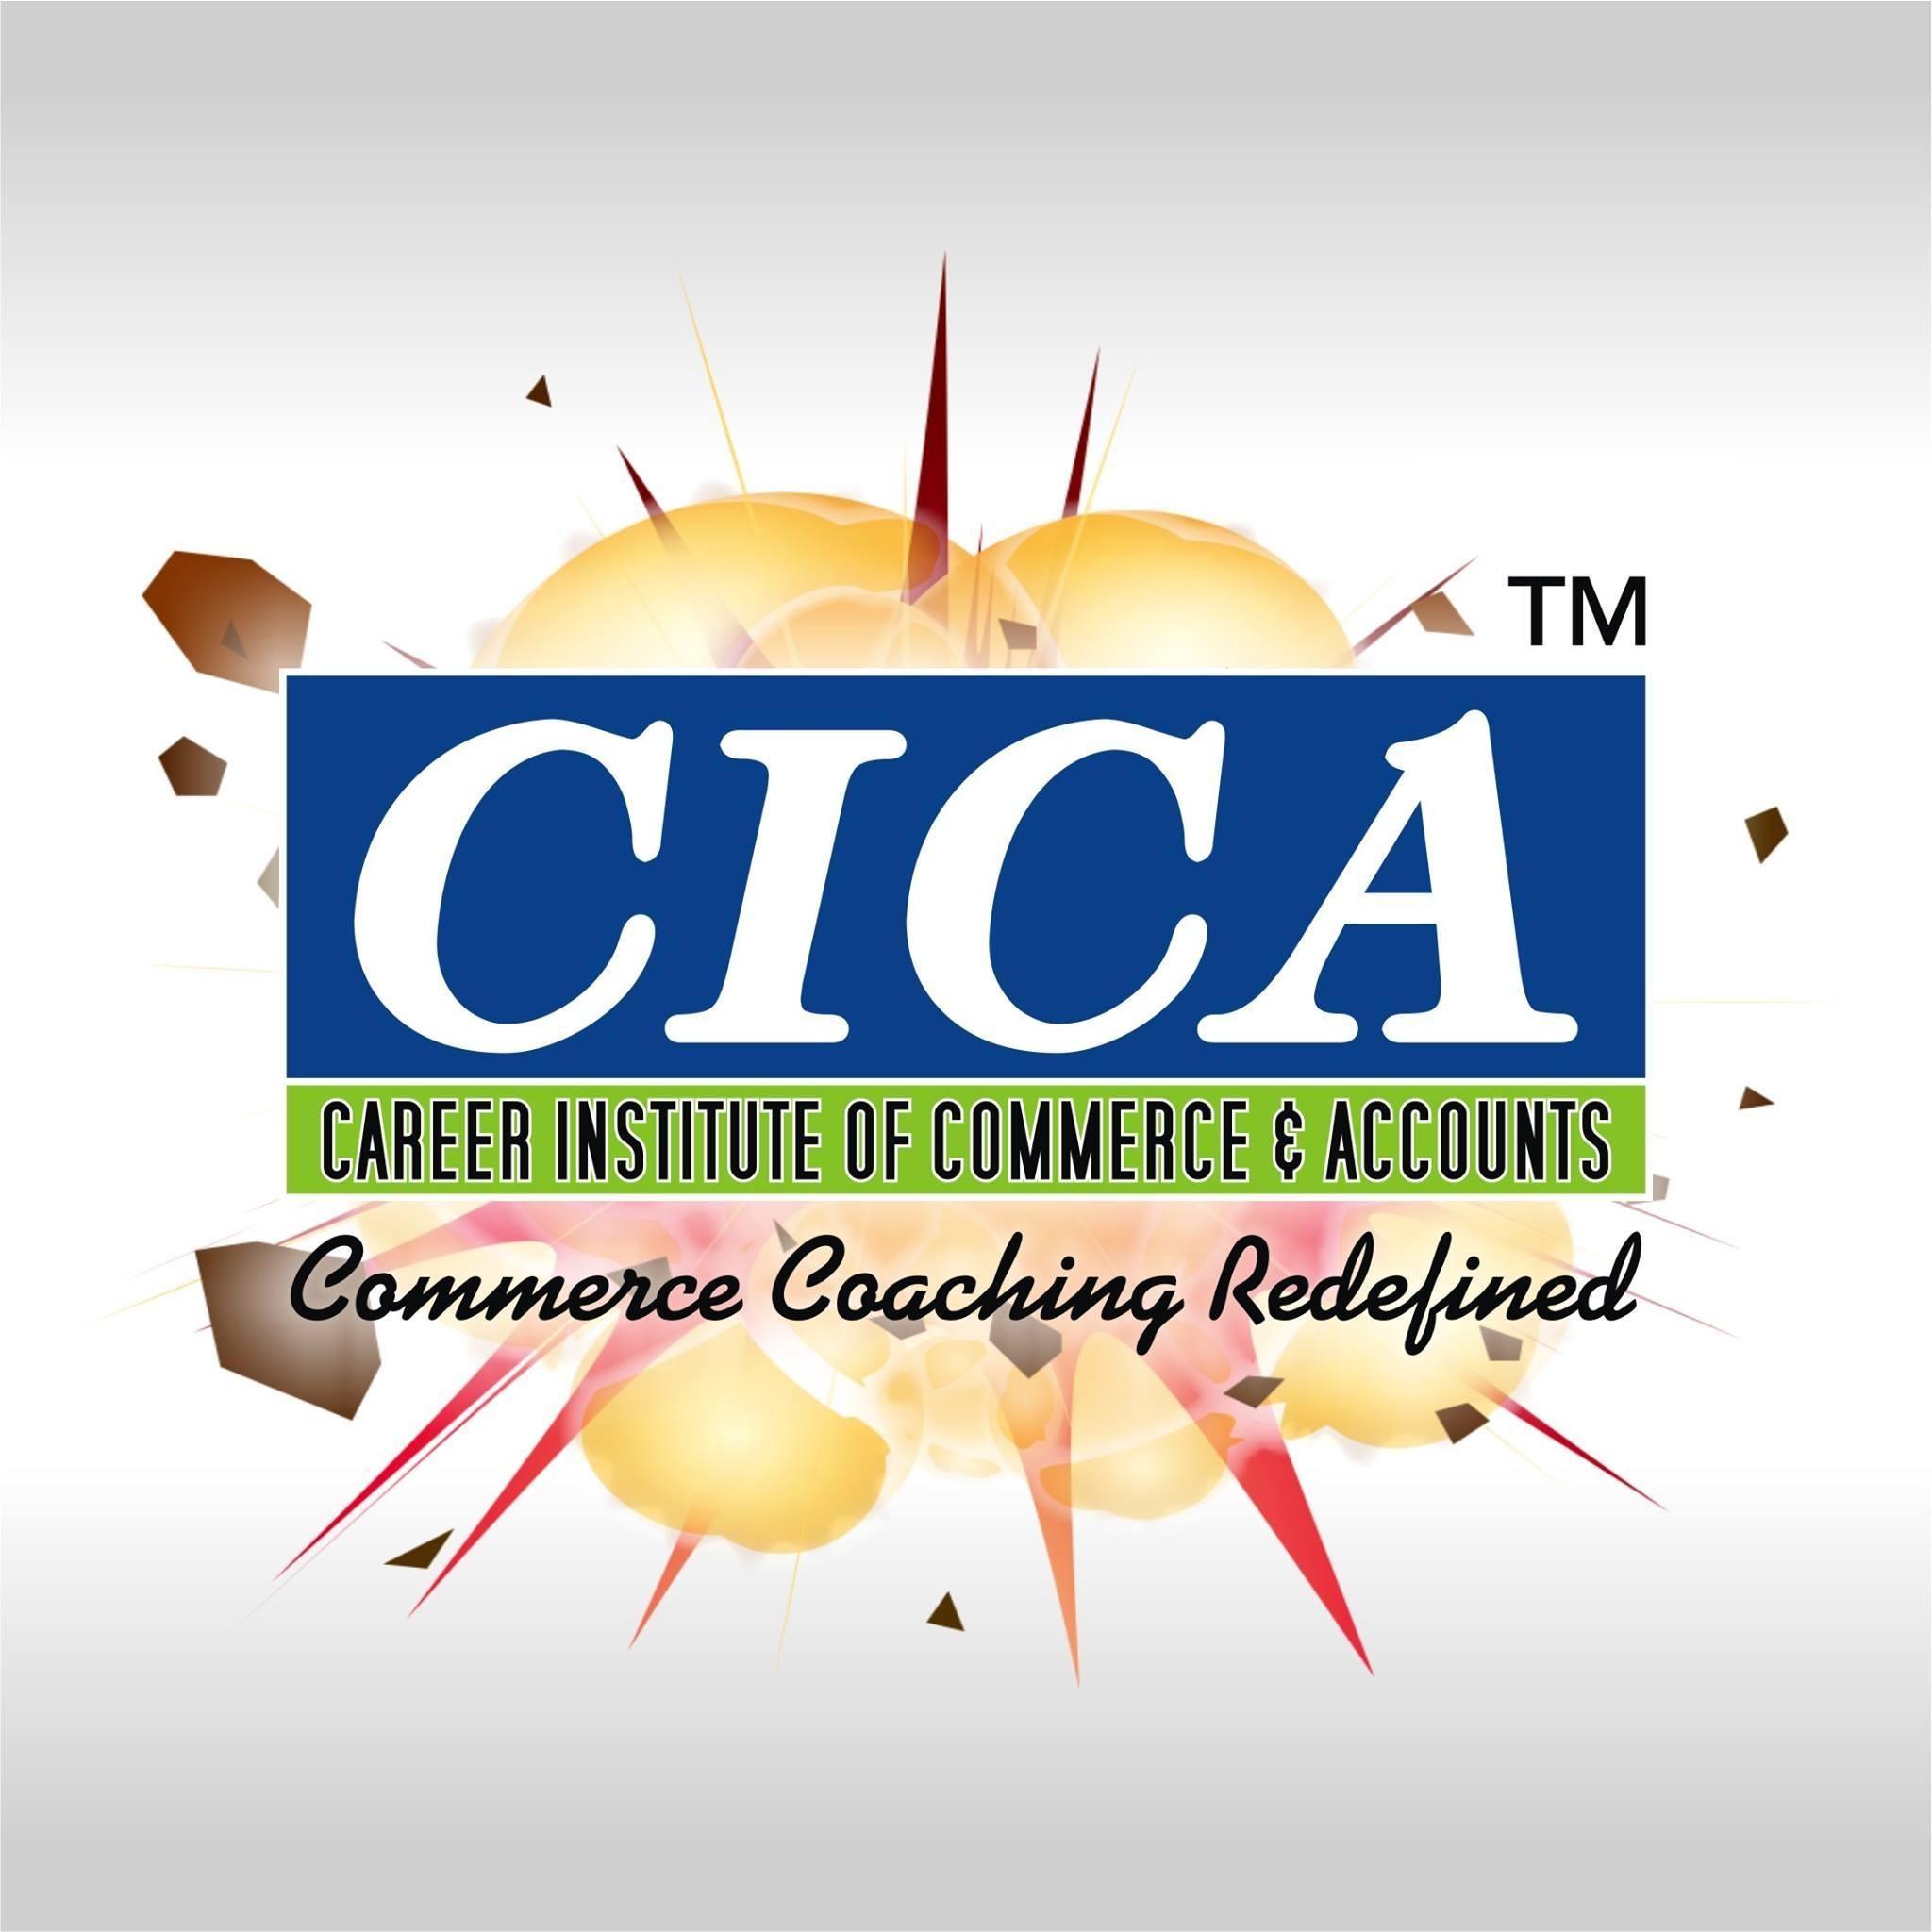 Career Institute of Commerce & Accounts - CICA